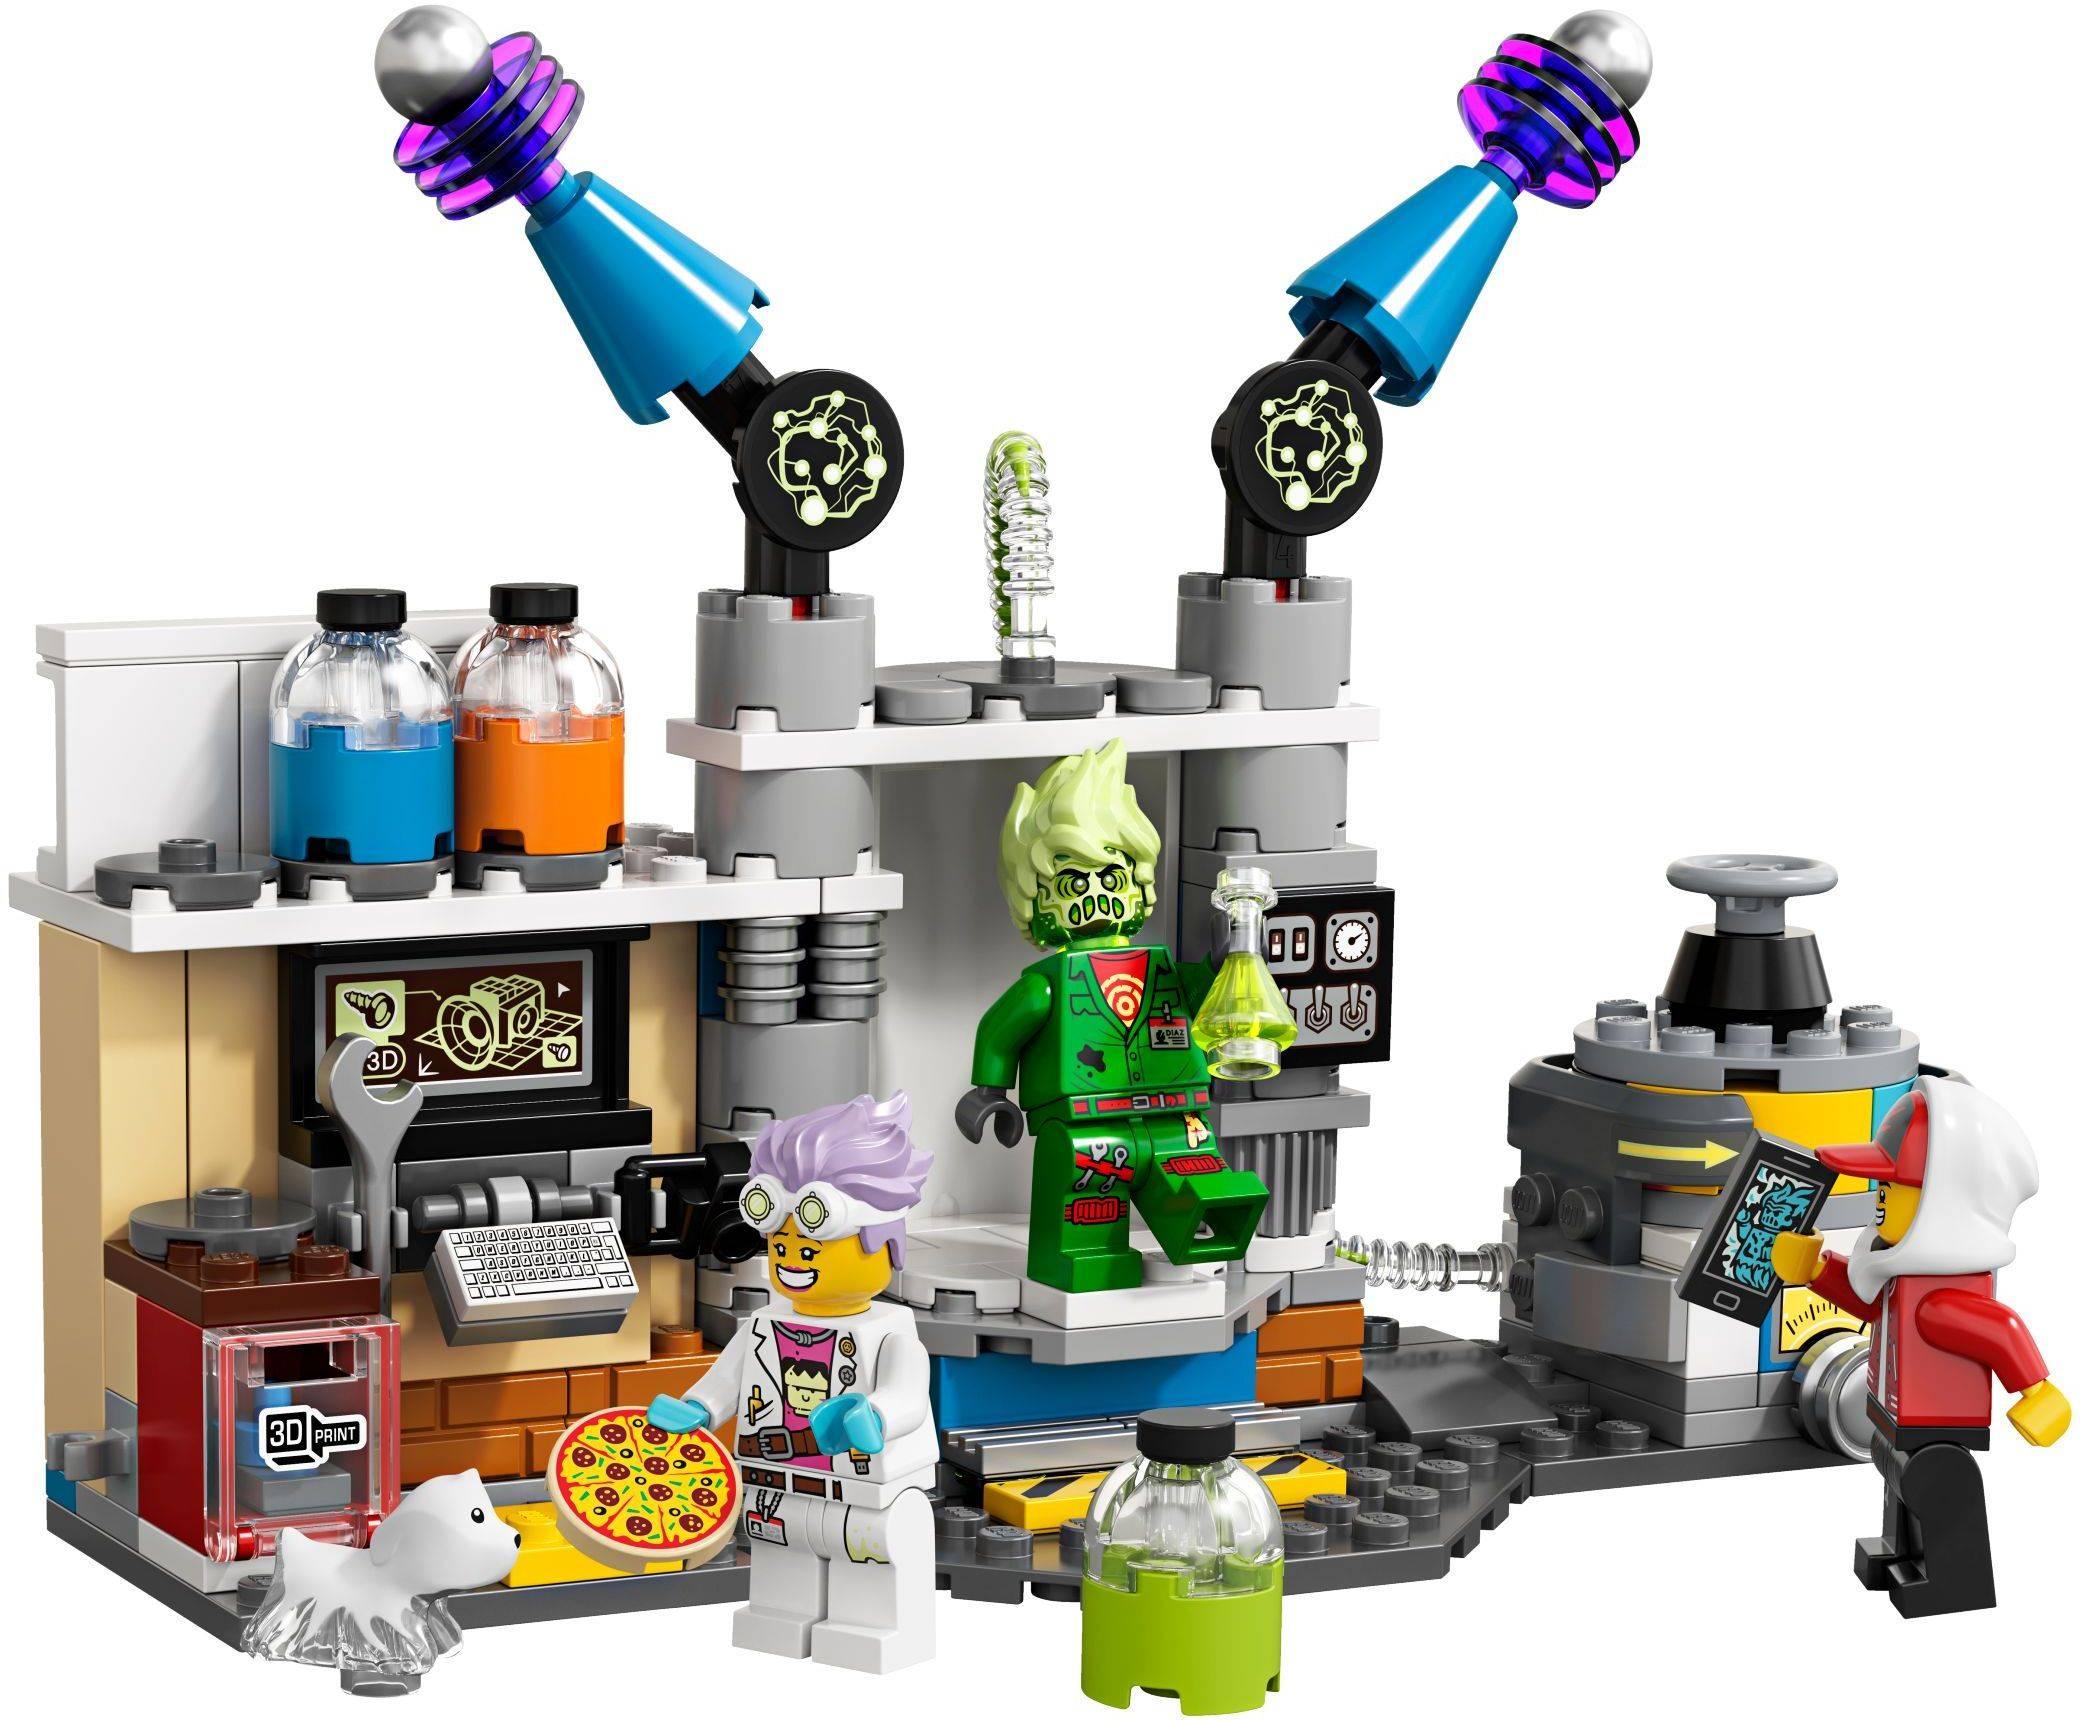 lego 70418-1: J.B.'s Ghost Lab